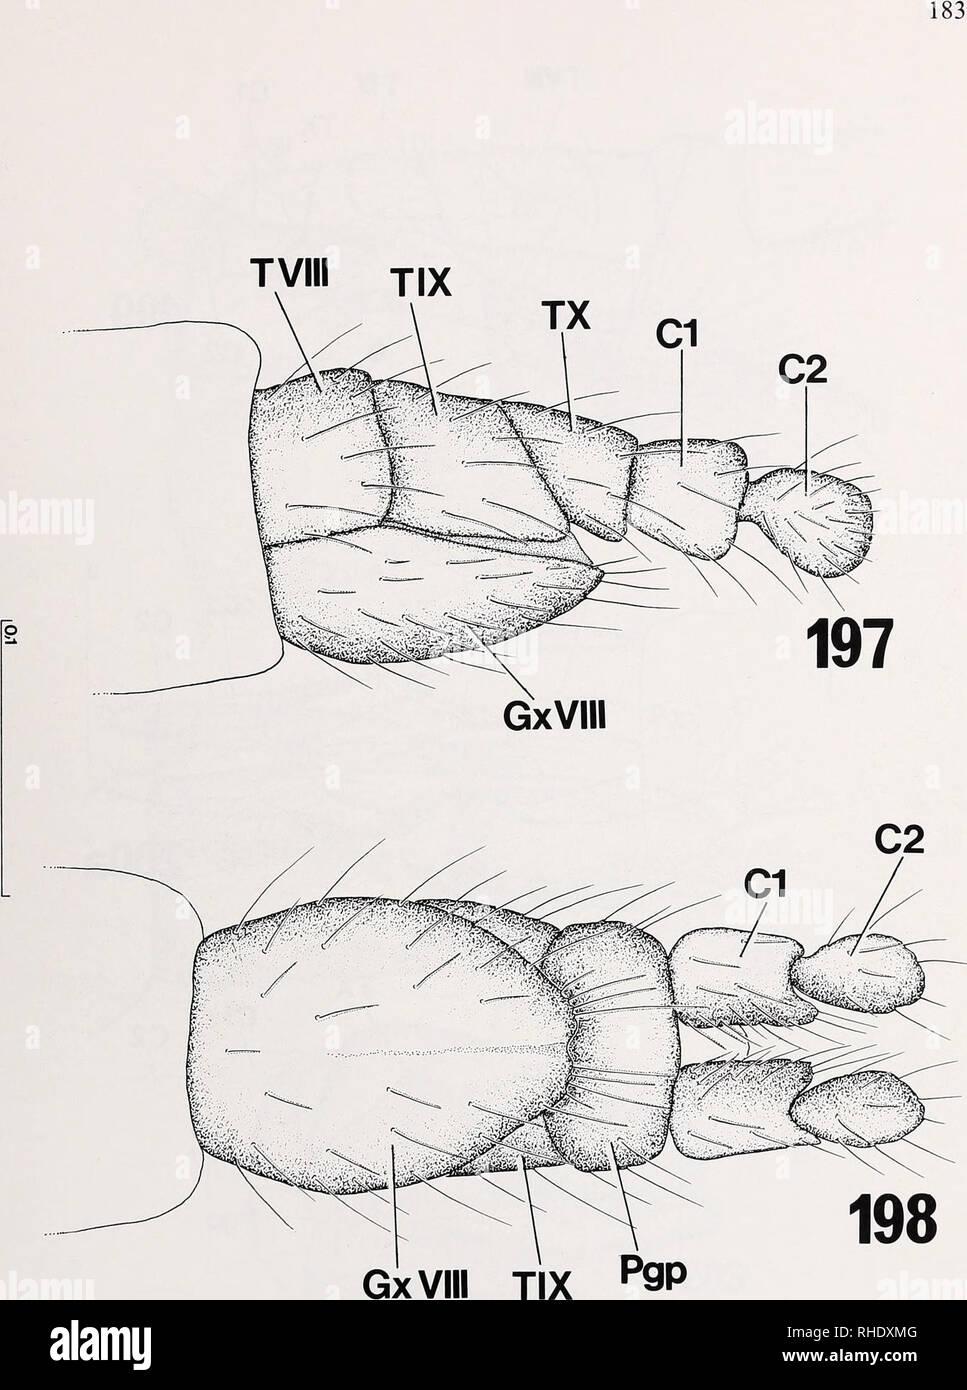 . Bonner zoologische nach 1550. Zoologie. Abb. 197-198: Exoskelett der legeröhre von Campylomyza flavipes (Cecidomyiidae): (197) von spät - ral; (198) von ventral. Kundennr. in mm.. Bitte beachten Sie, dass diese Bilder sind von der gescannten Seite Bilder, die digital für die Lesbarkeit verbessert haben mögen - Färbung und Aussehen dieser Abbildungen können nicht perfekt dem Original ähneln. extrahiert. Bonn, Zoologisches Forschungsinstitut und Museum Alexander Koenig Stockbild